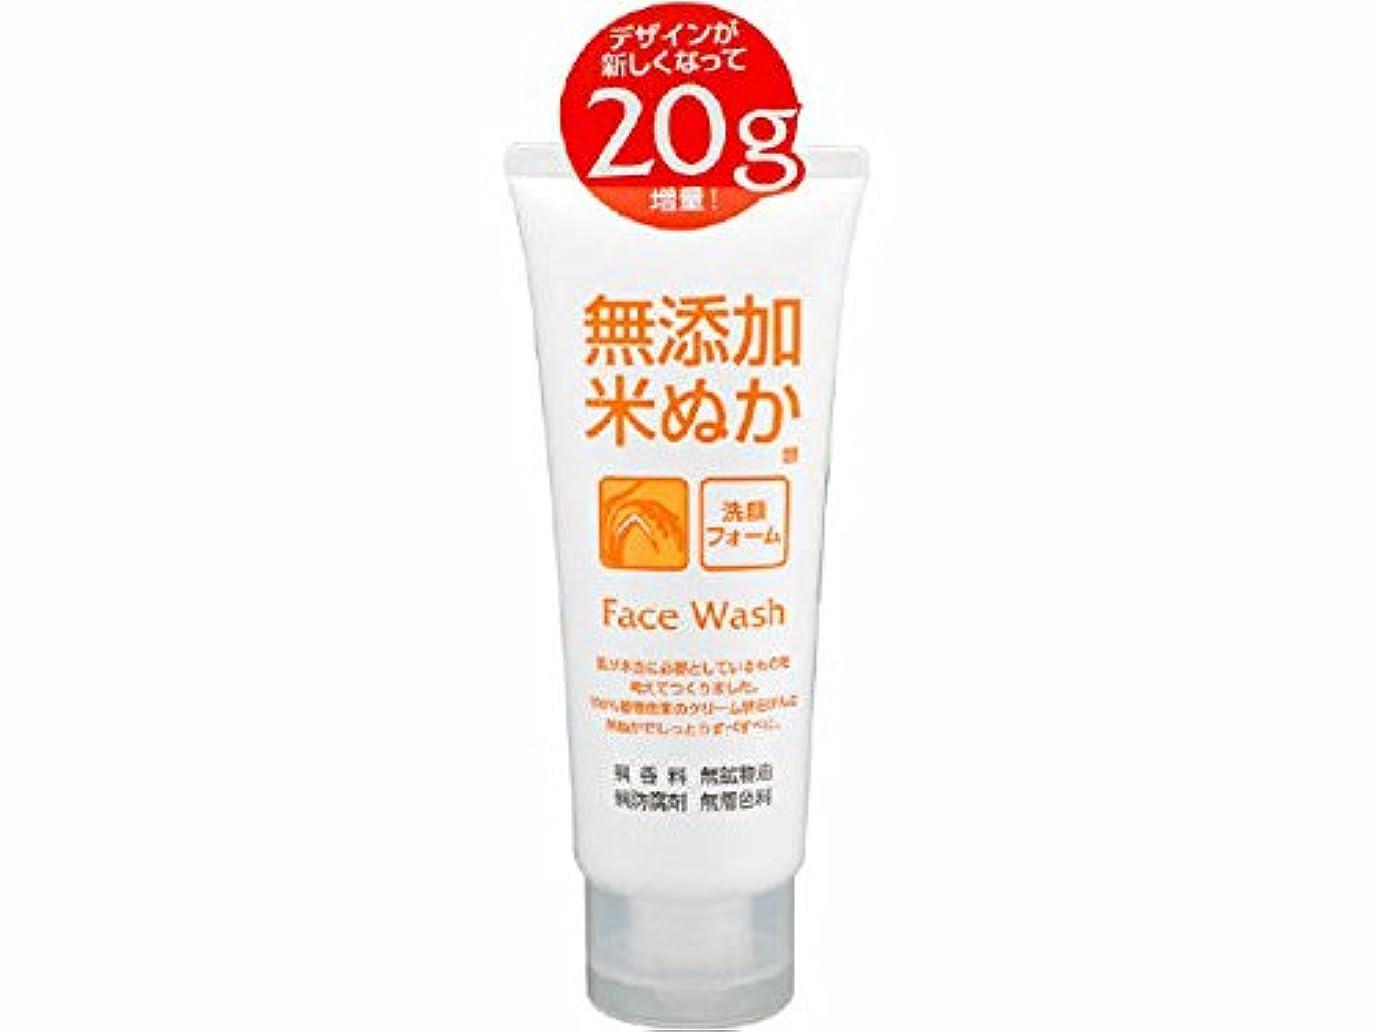 娯楽特派員フィットネスロゼット(ROSETTE) 無添加米ぬか 洗顔フォーム 140g 100%植物由来のクリーム状石けんに米ぬかエキスを配合した洗顔フォーム×48点セット (4901696534069)